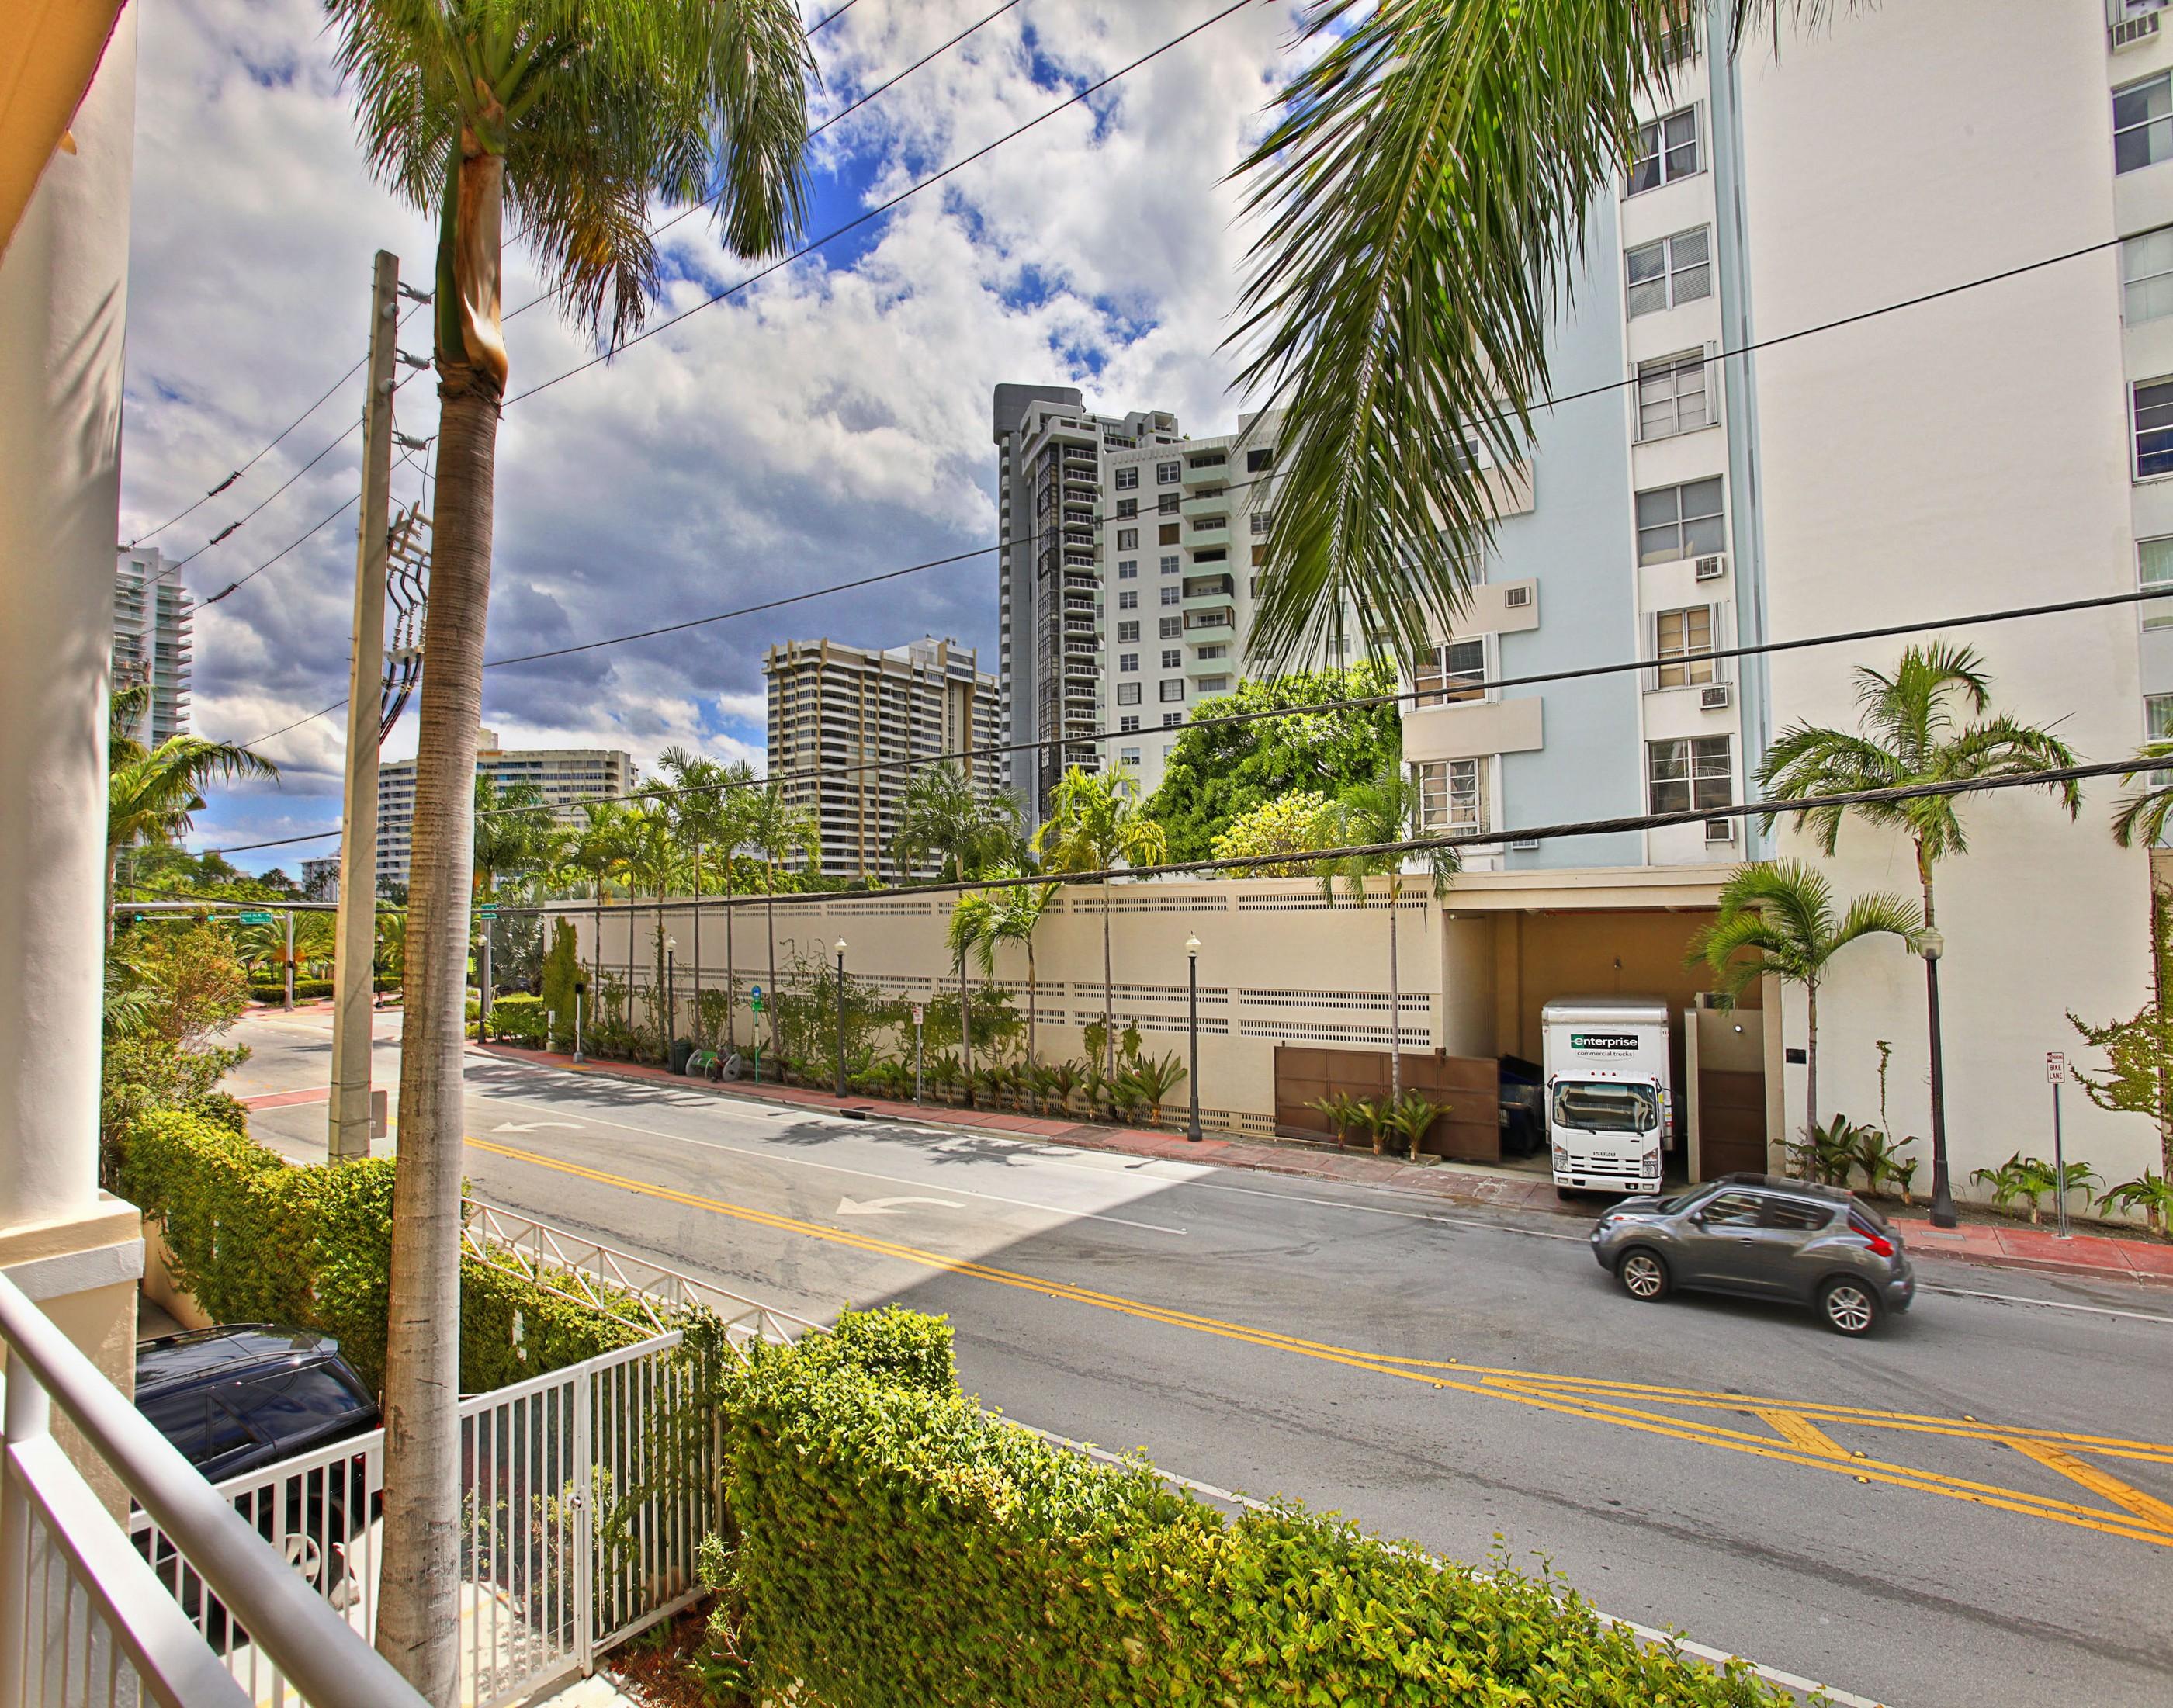 콘도미니엄 용 매매 에 1 Century Ln #202 1 Century Ln 202 Miami Beach, 플로리다, 33139 미국